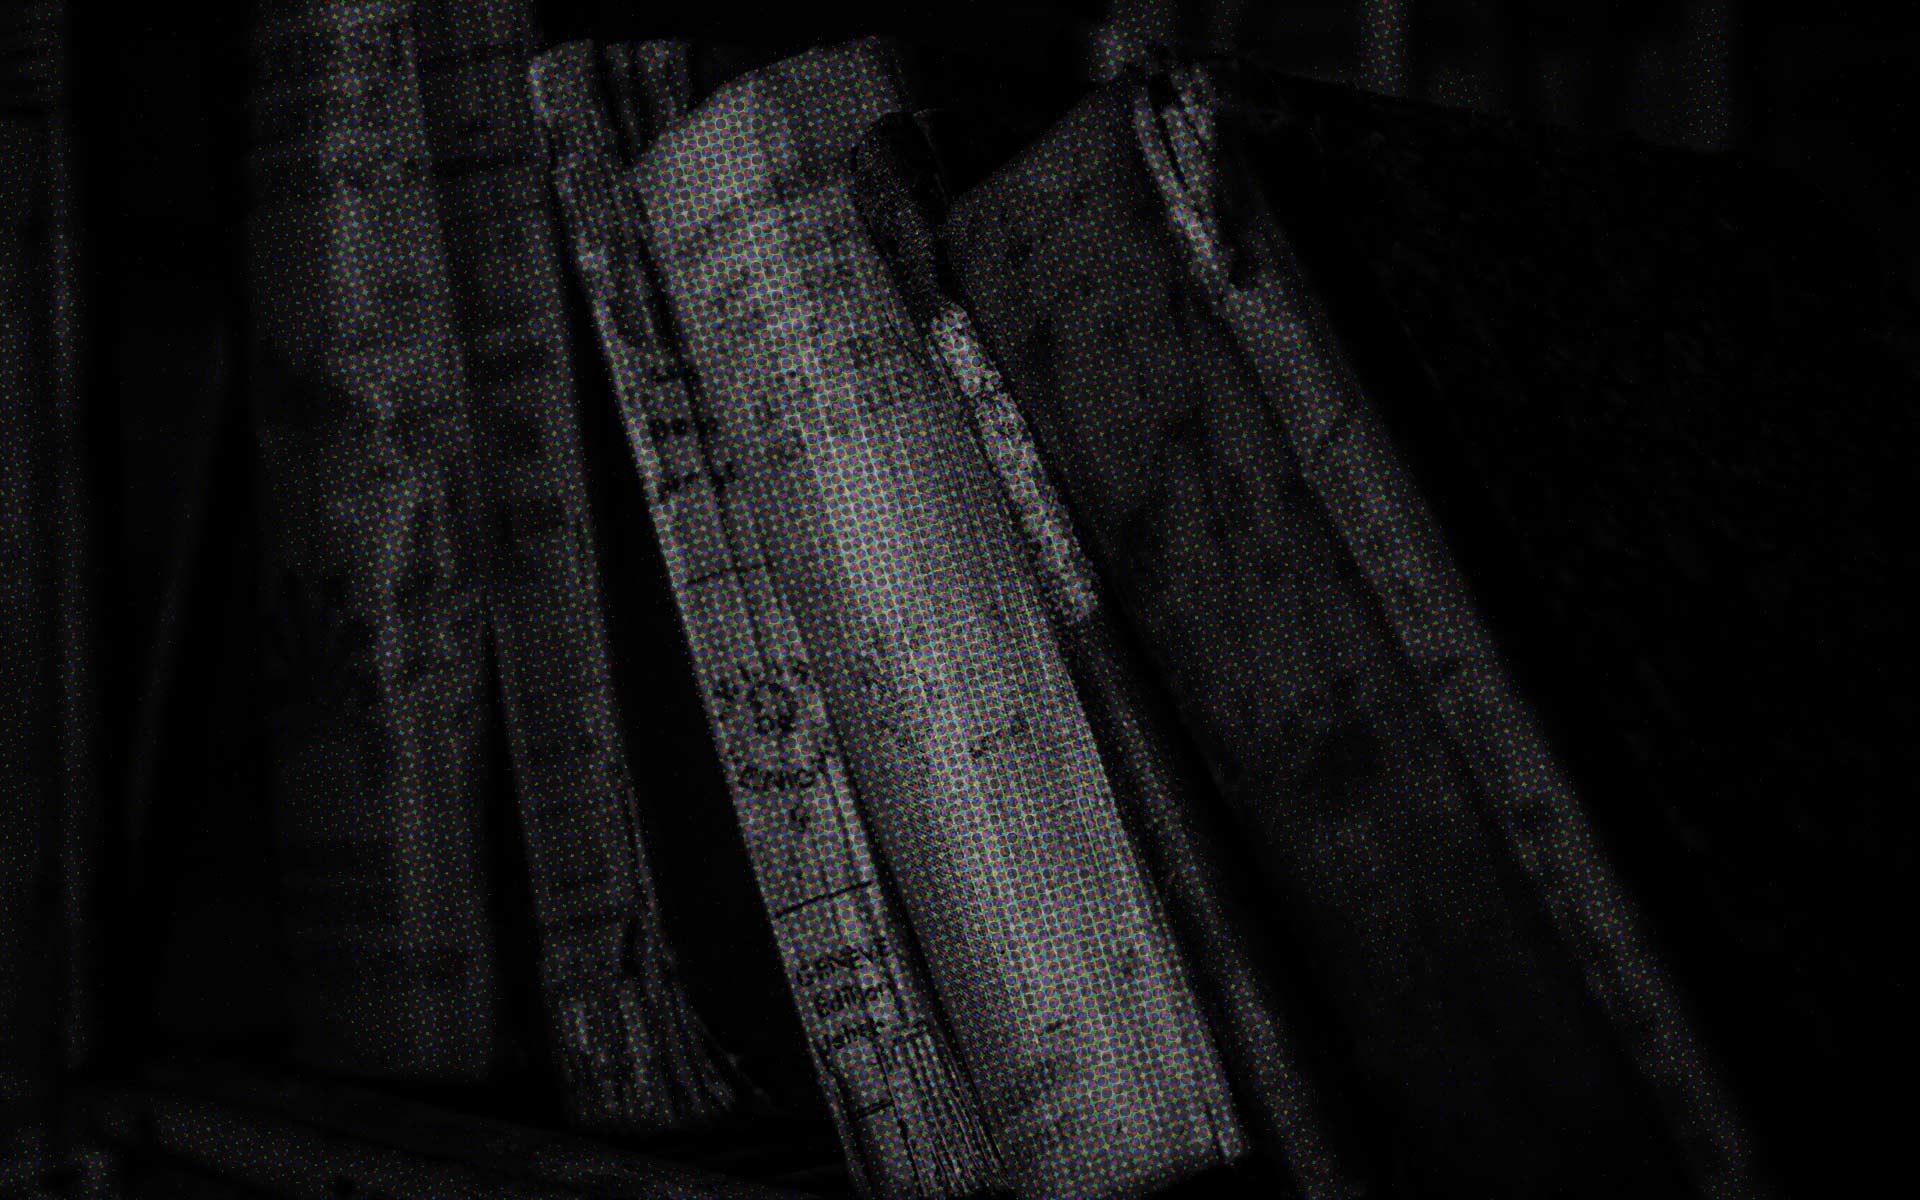 【シリーズ・都市伝説】世界一謎が多い本「ヴォイニッチ手稿」